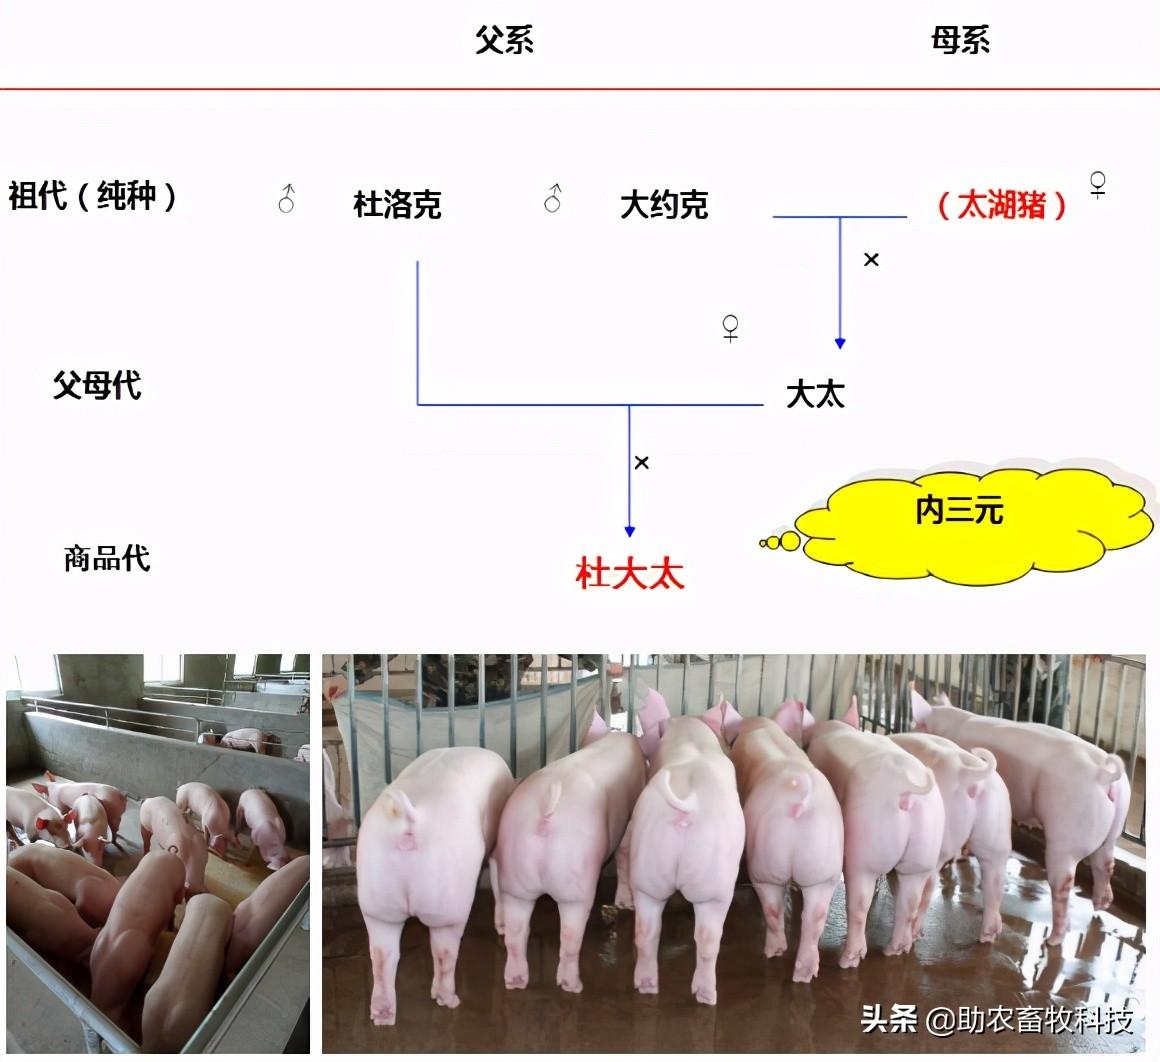 一头肥猪断奶到出栏要吃多少饲料?有降低料耗的简单方法吗?